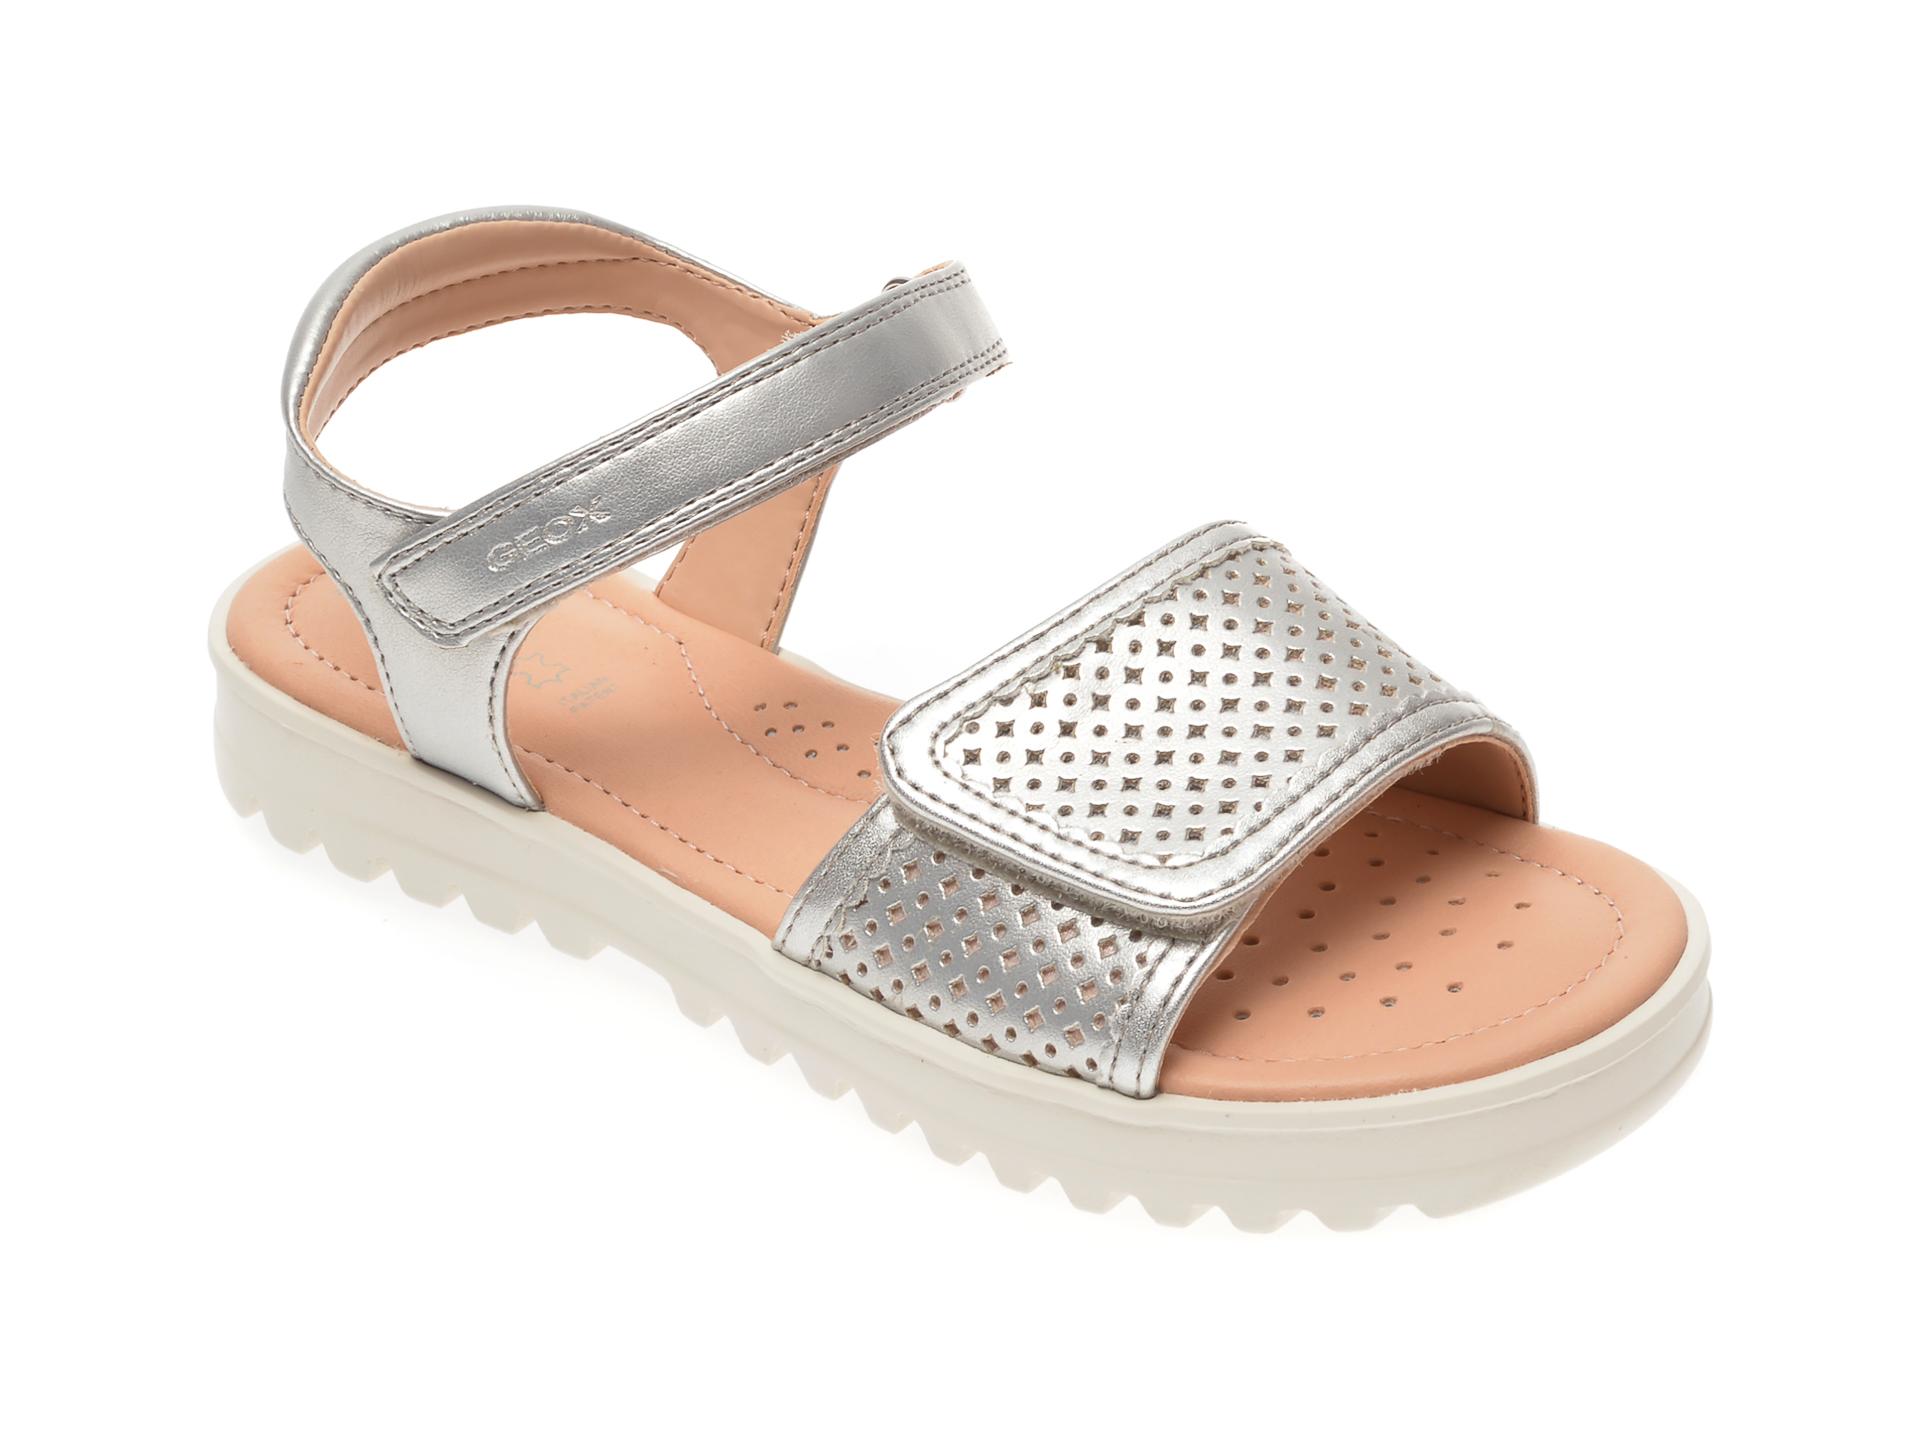 Sandale GEOX argintii, J026EE, din piele ecologica